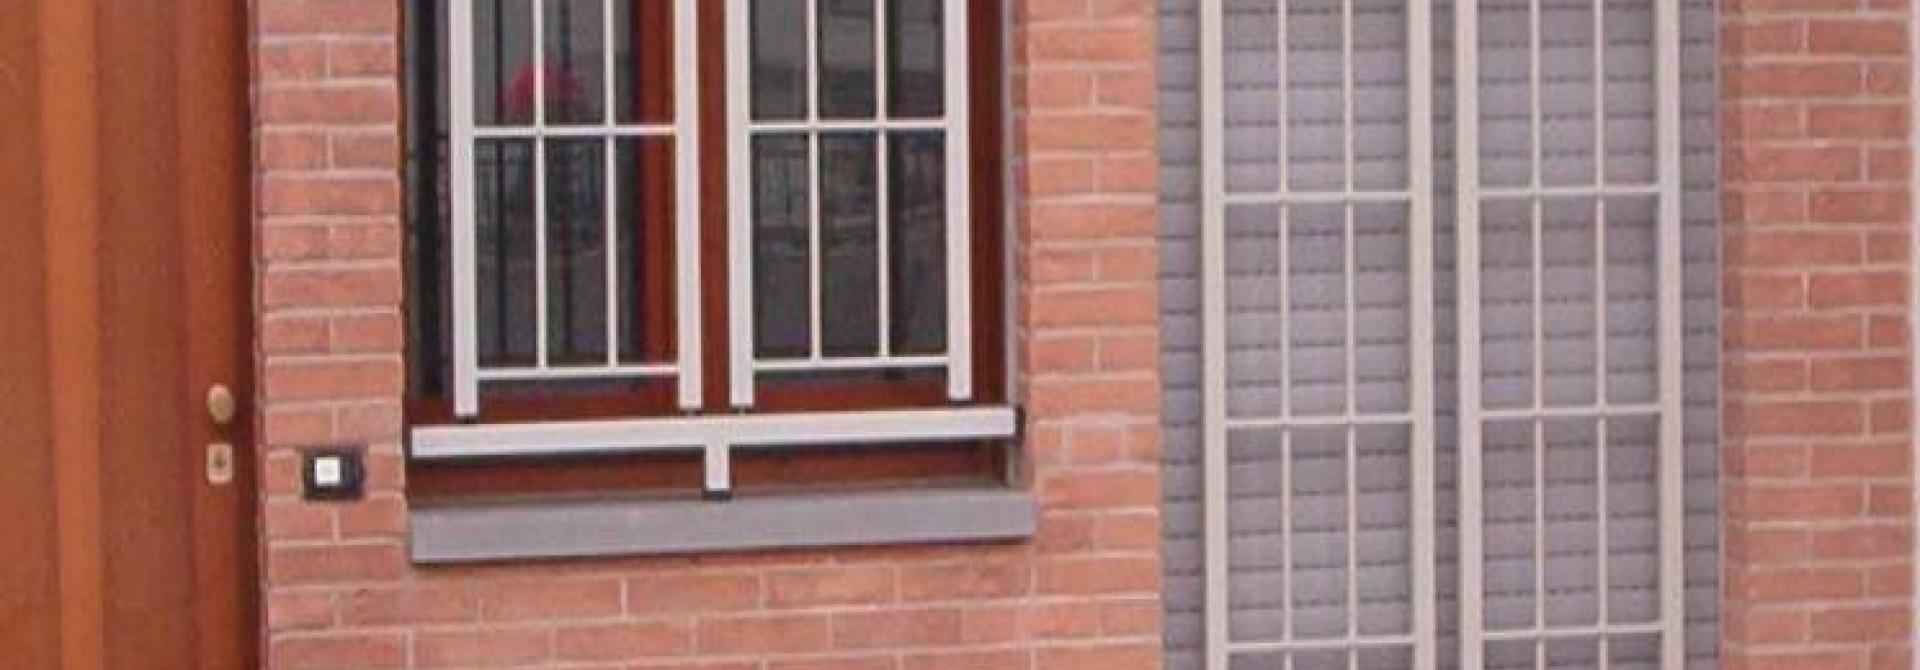 Cancelli di sicurezza bologna installazione di cancelli - Porte finestre bologna ...